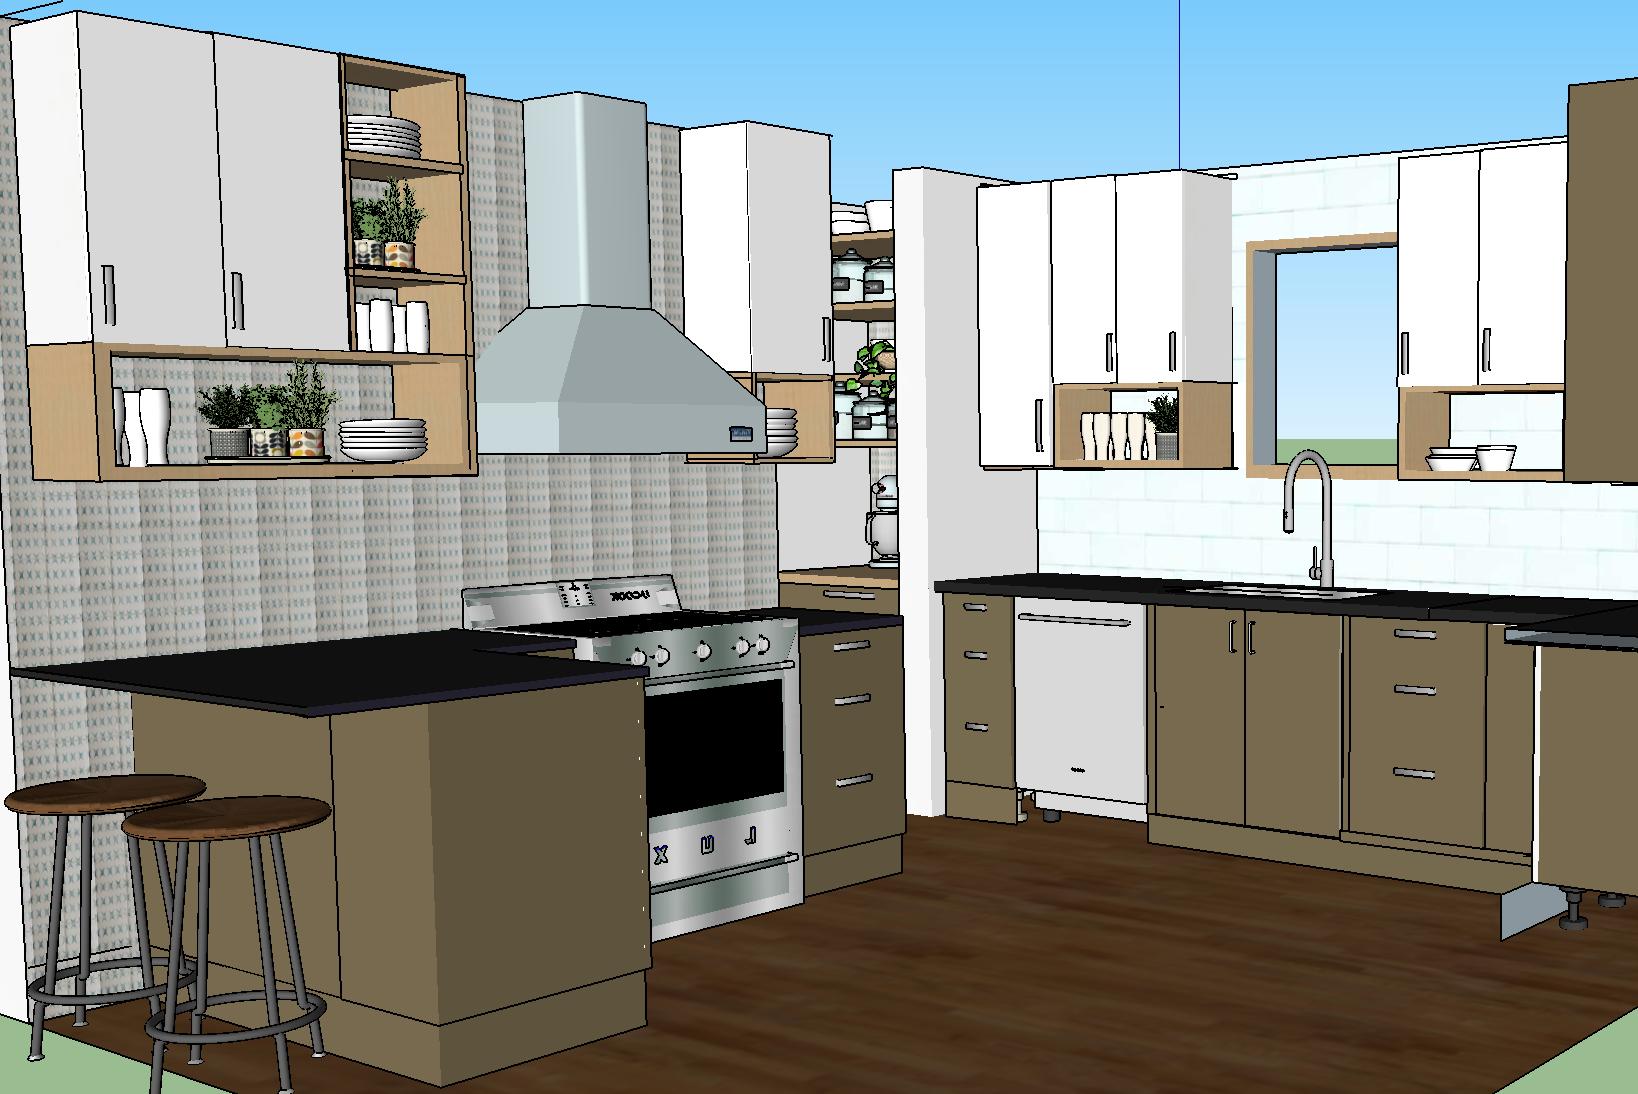 olliePop Design // Kitchen remodel design